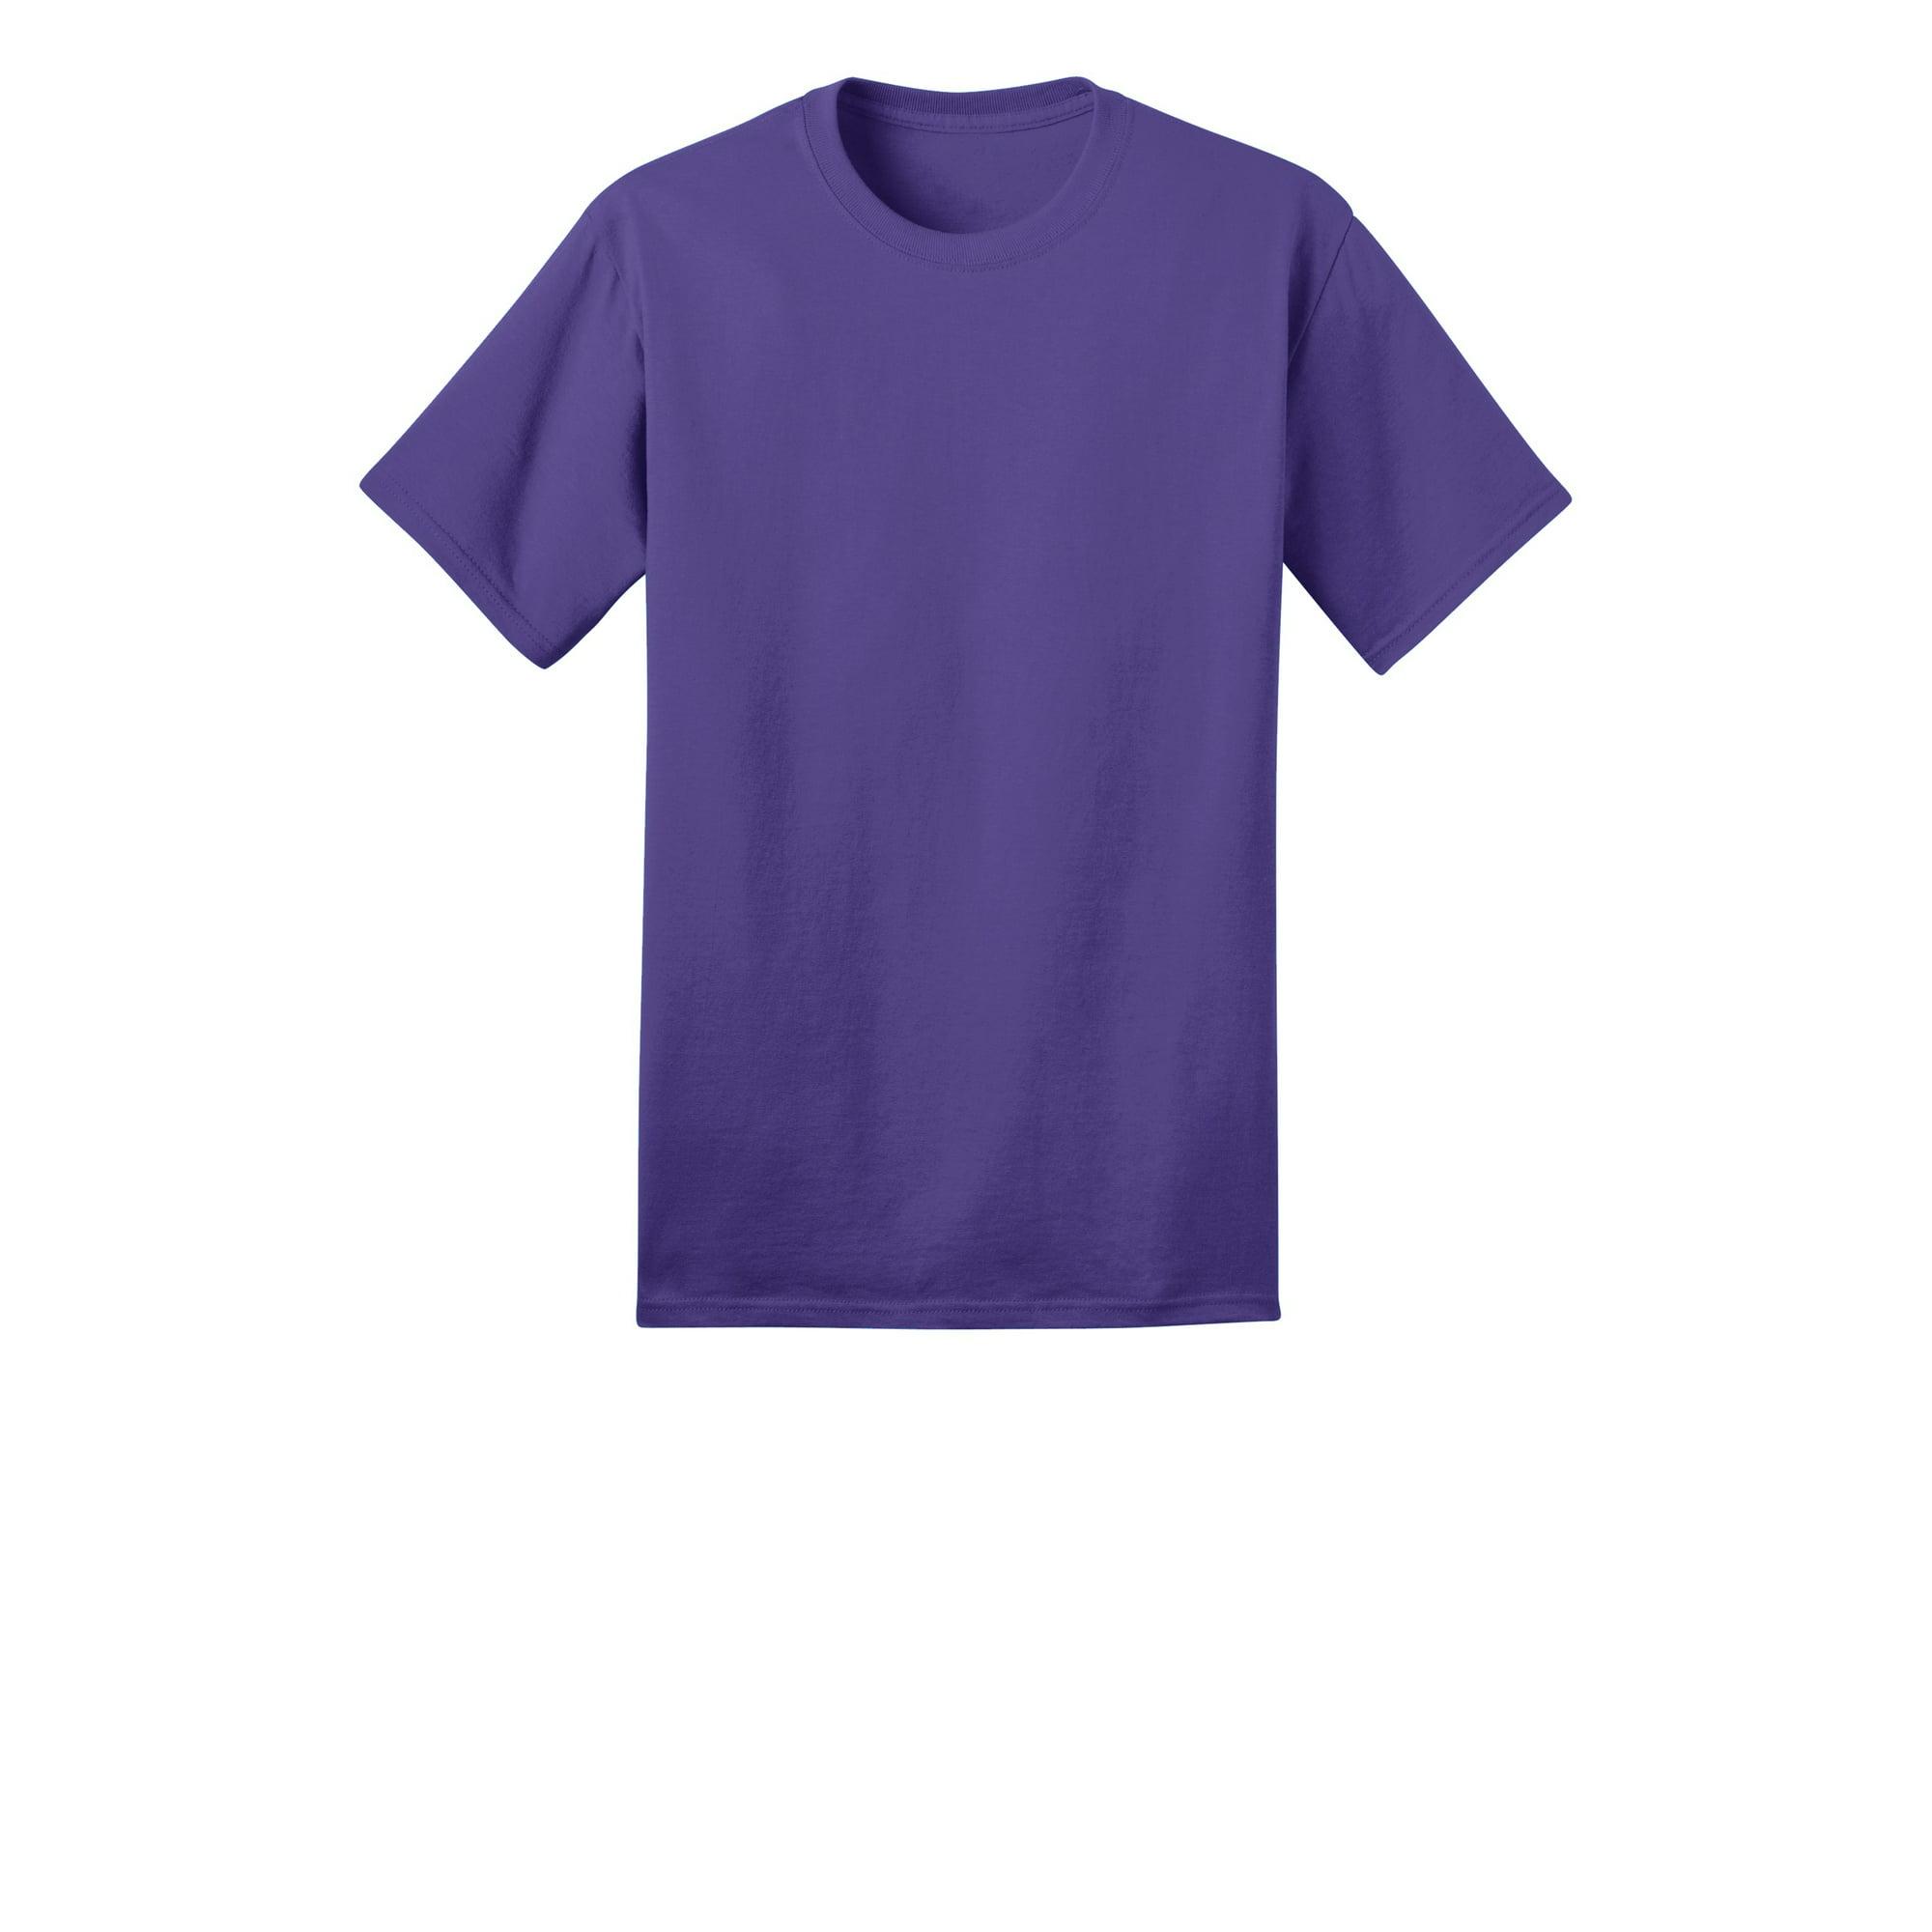 224594fac7989 Buy Sportoli Men s Essential Basic 100% Cotton Crew Neck Short ...